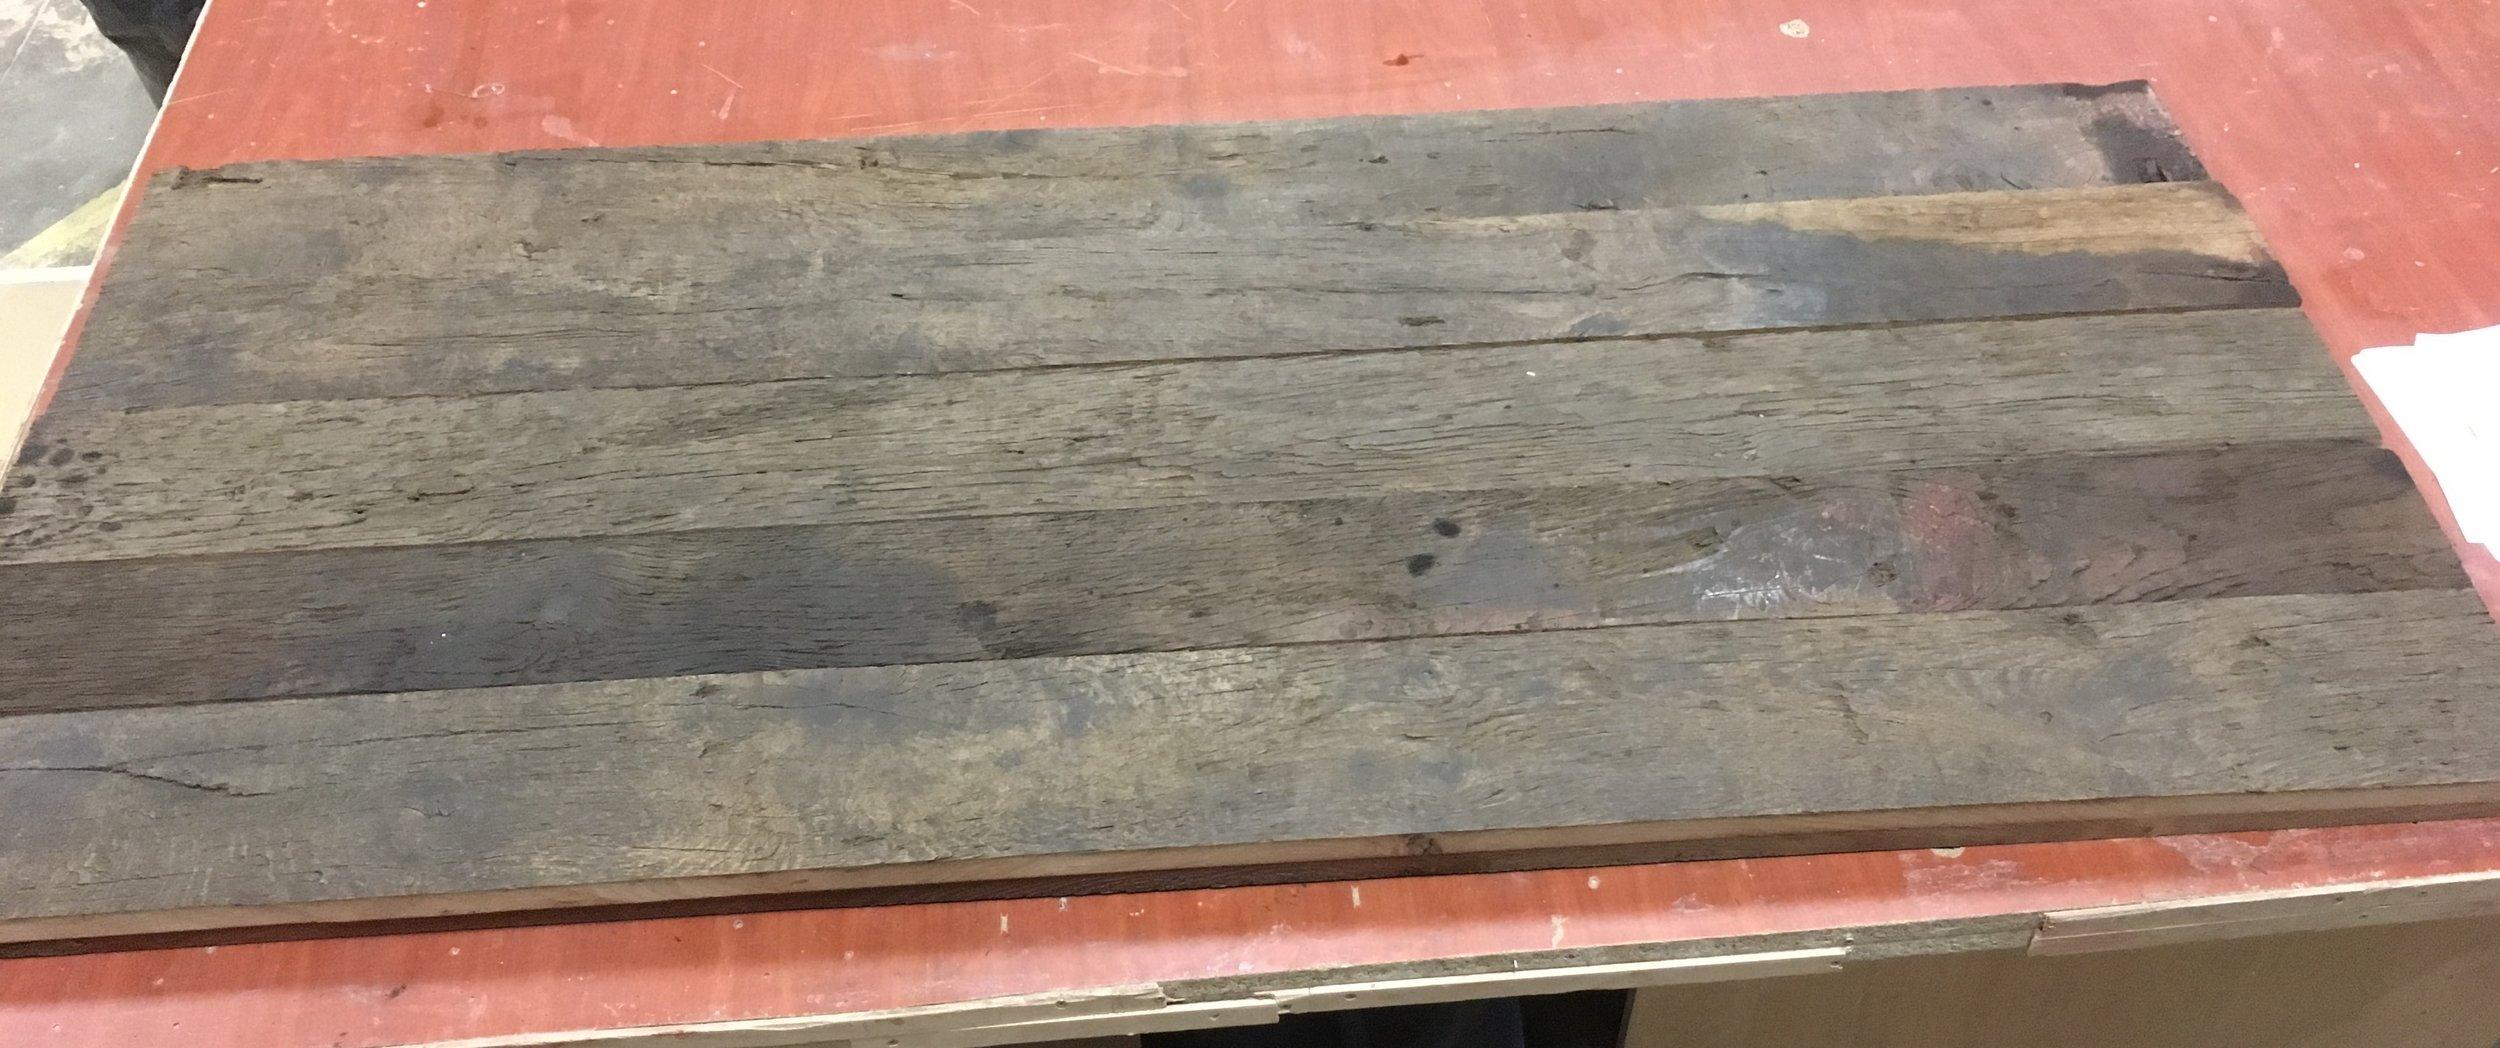 3 une fois coupées nicolas bombourg table.jpg